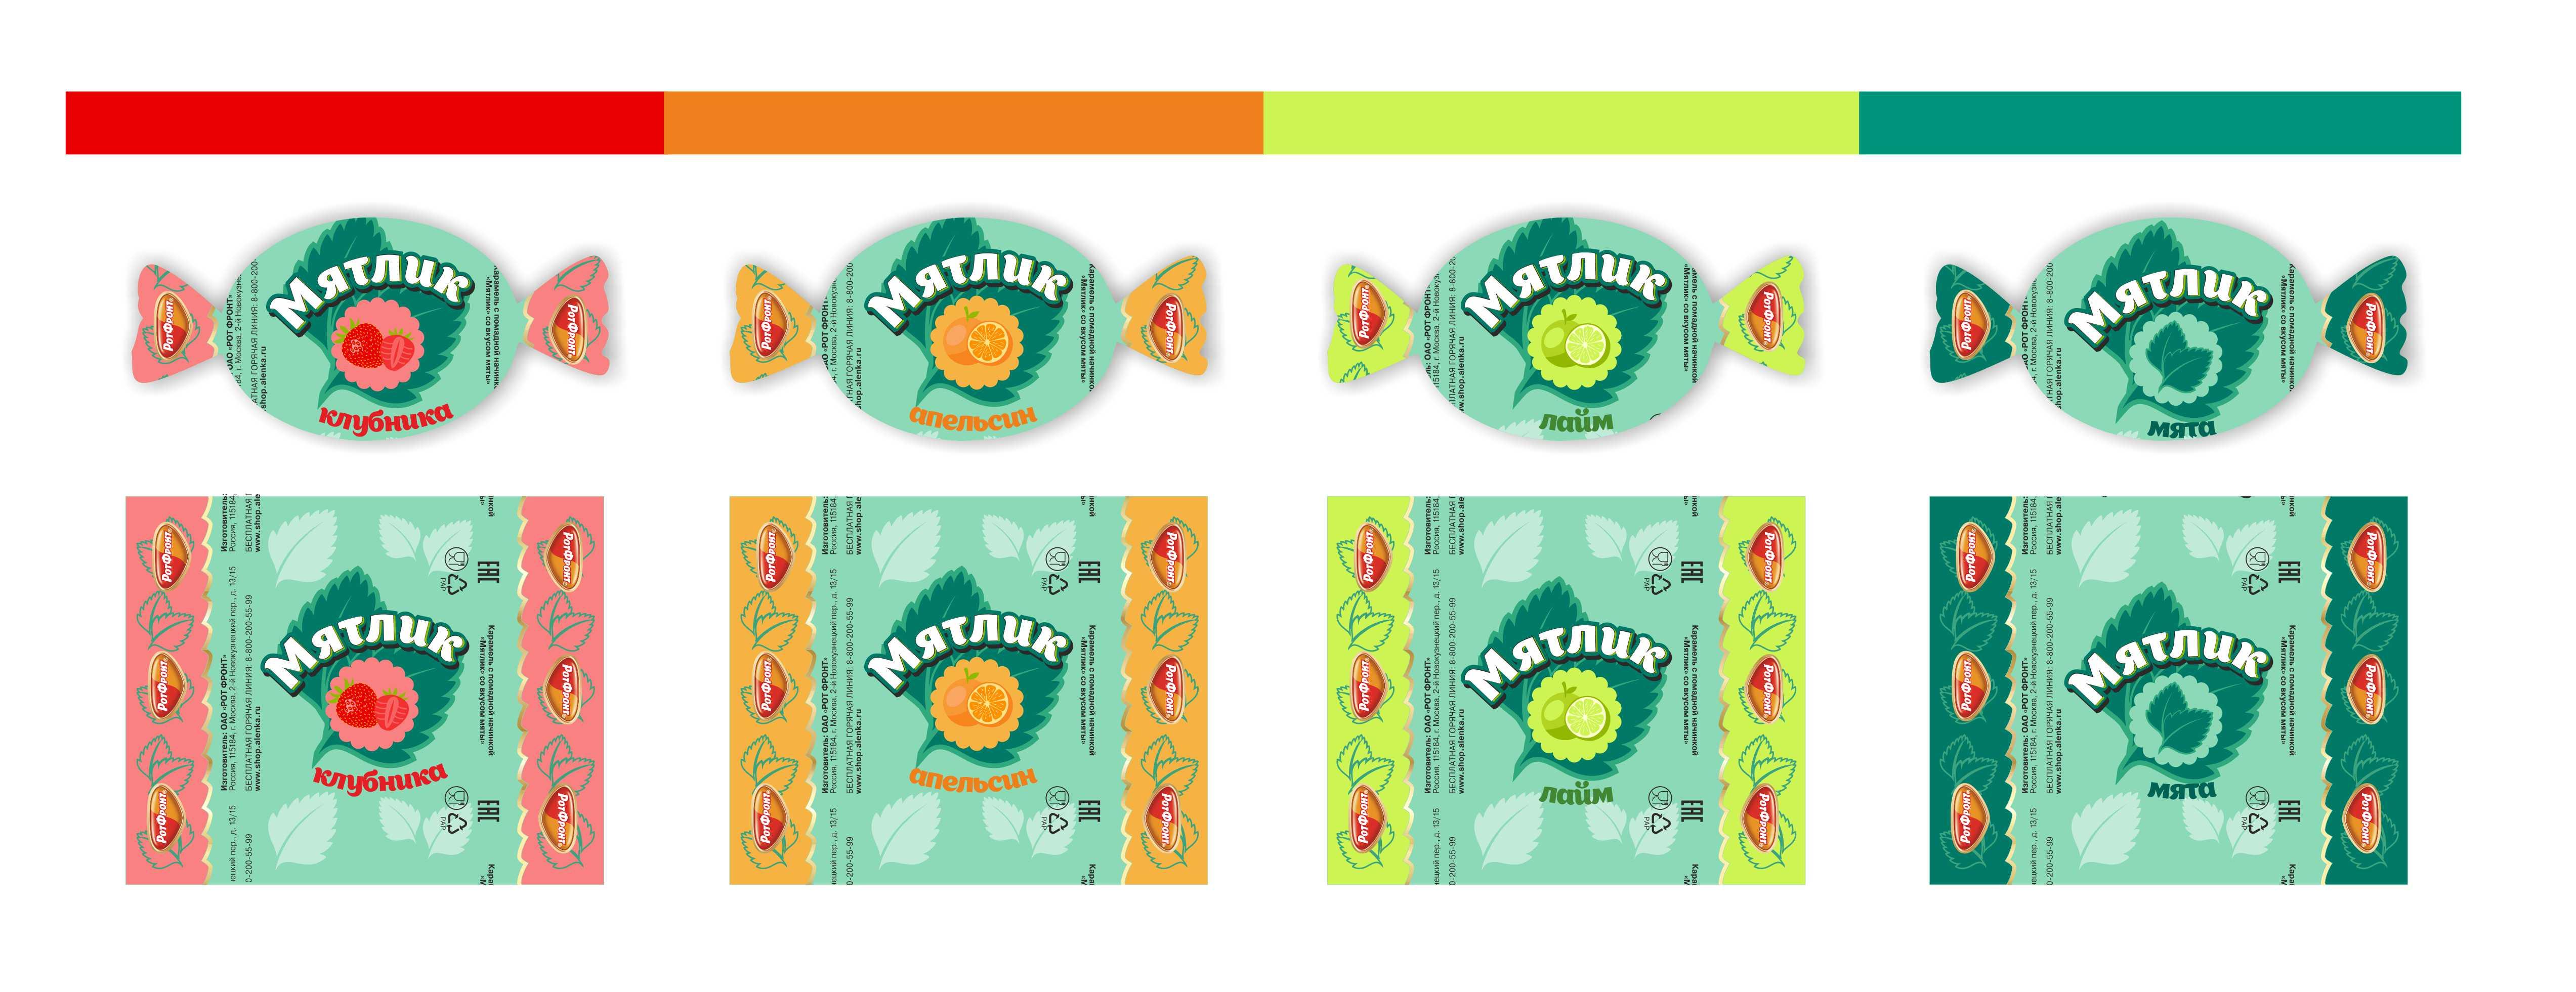 Разработка дизайна упаковки для мятной карамели от Рот Фронт фото f_49059f21c856459e.jpg